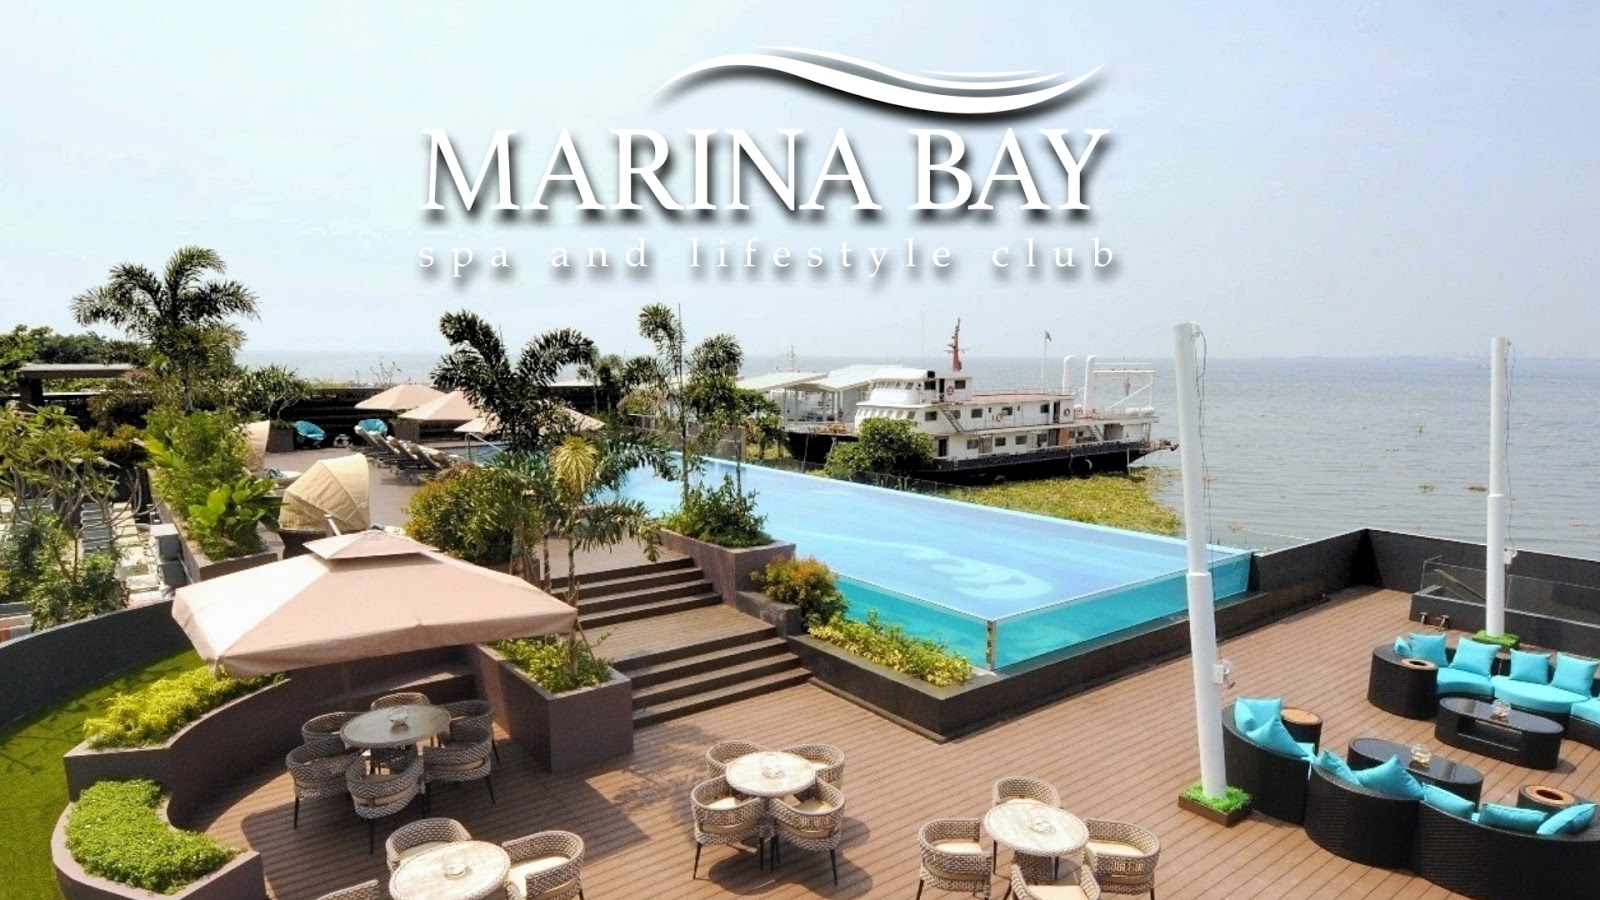 10 Reasons Why You Should Visit Marina Bay Spa and ...